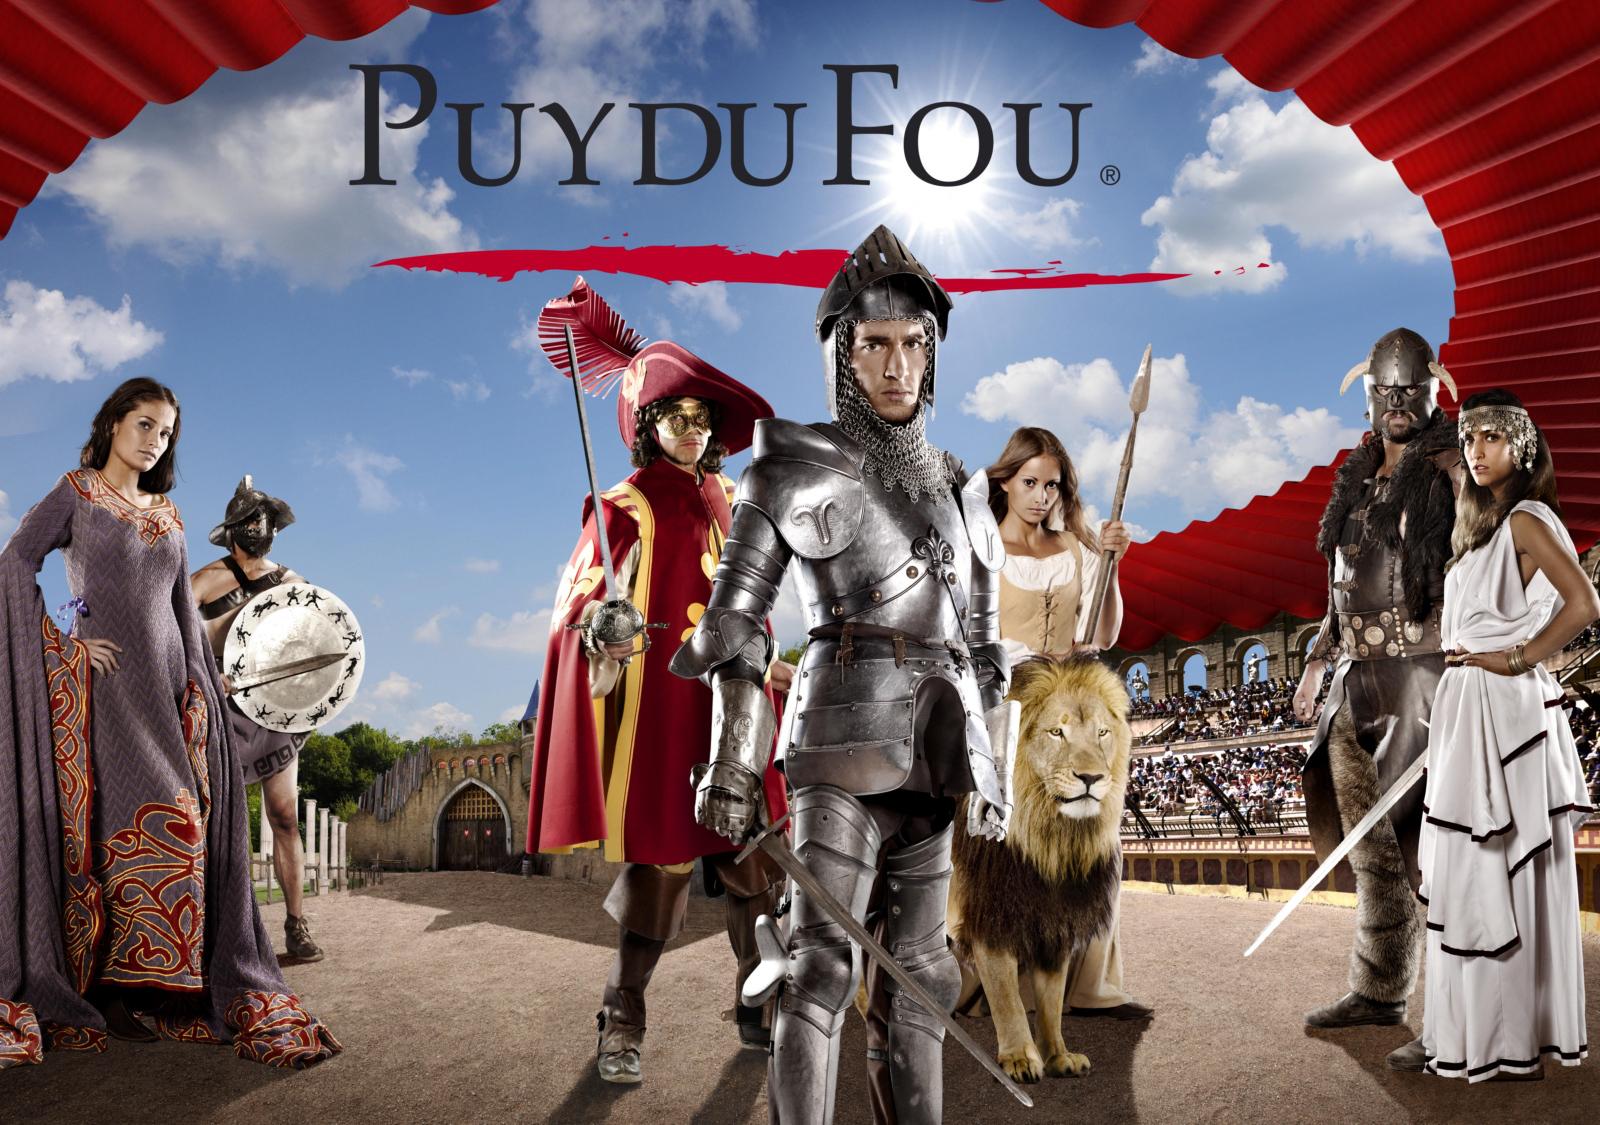 Entrée au Grand Parc du Puy du Fou gratuite pour les enseignants (au lieu de 30€)